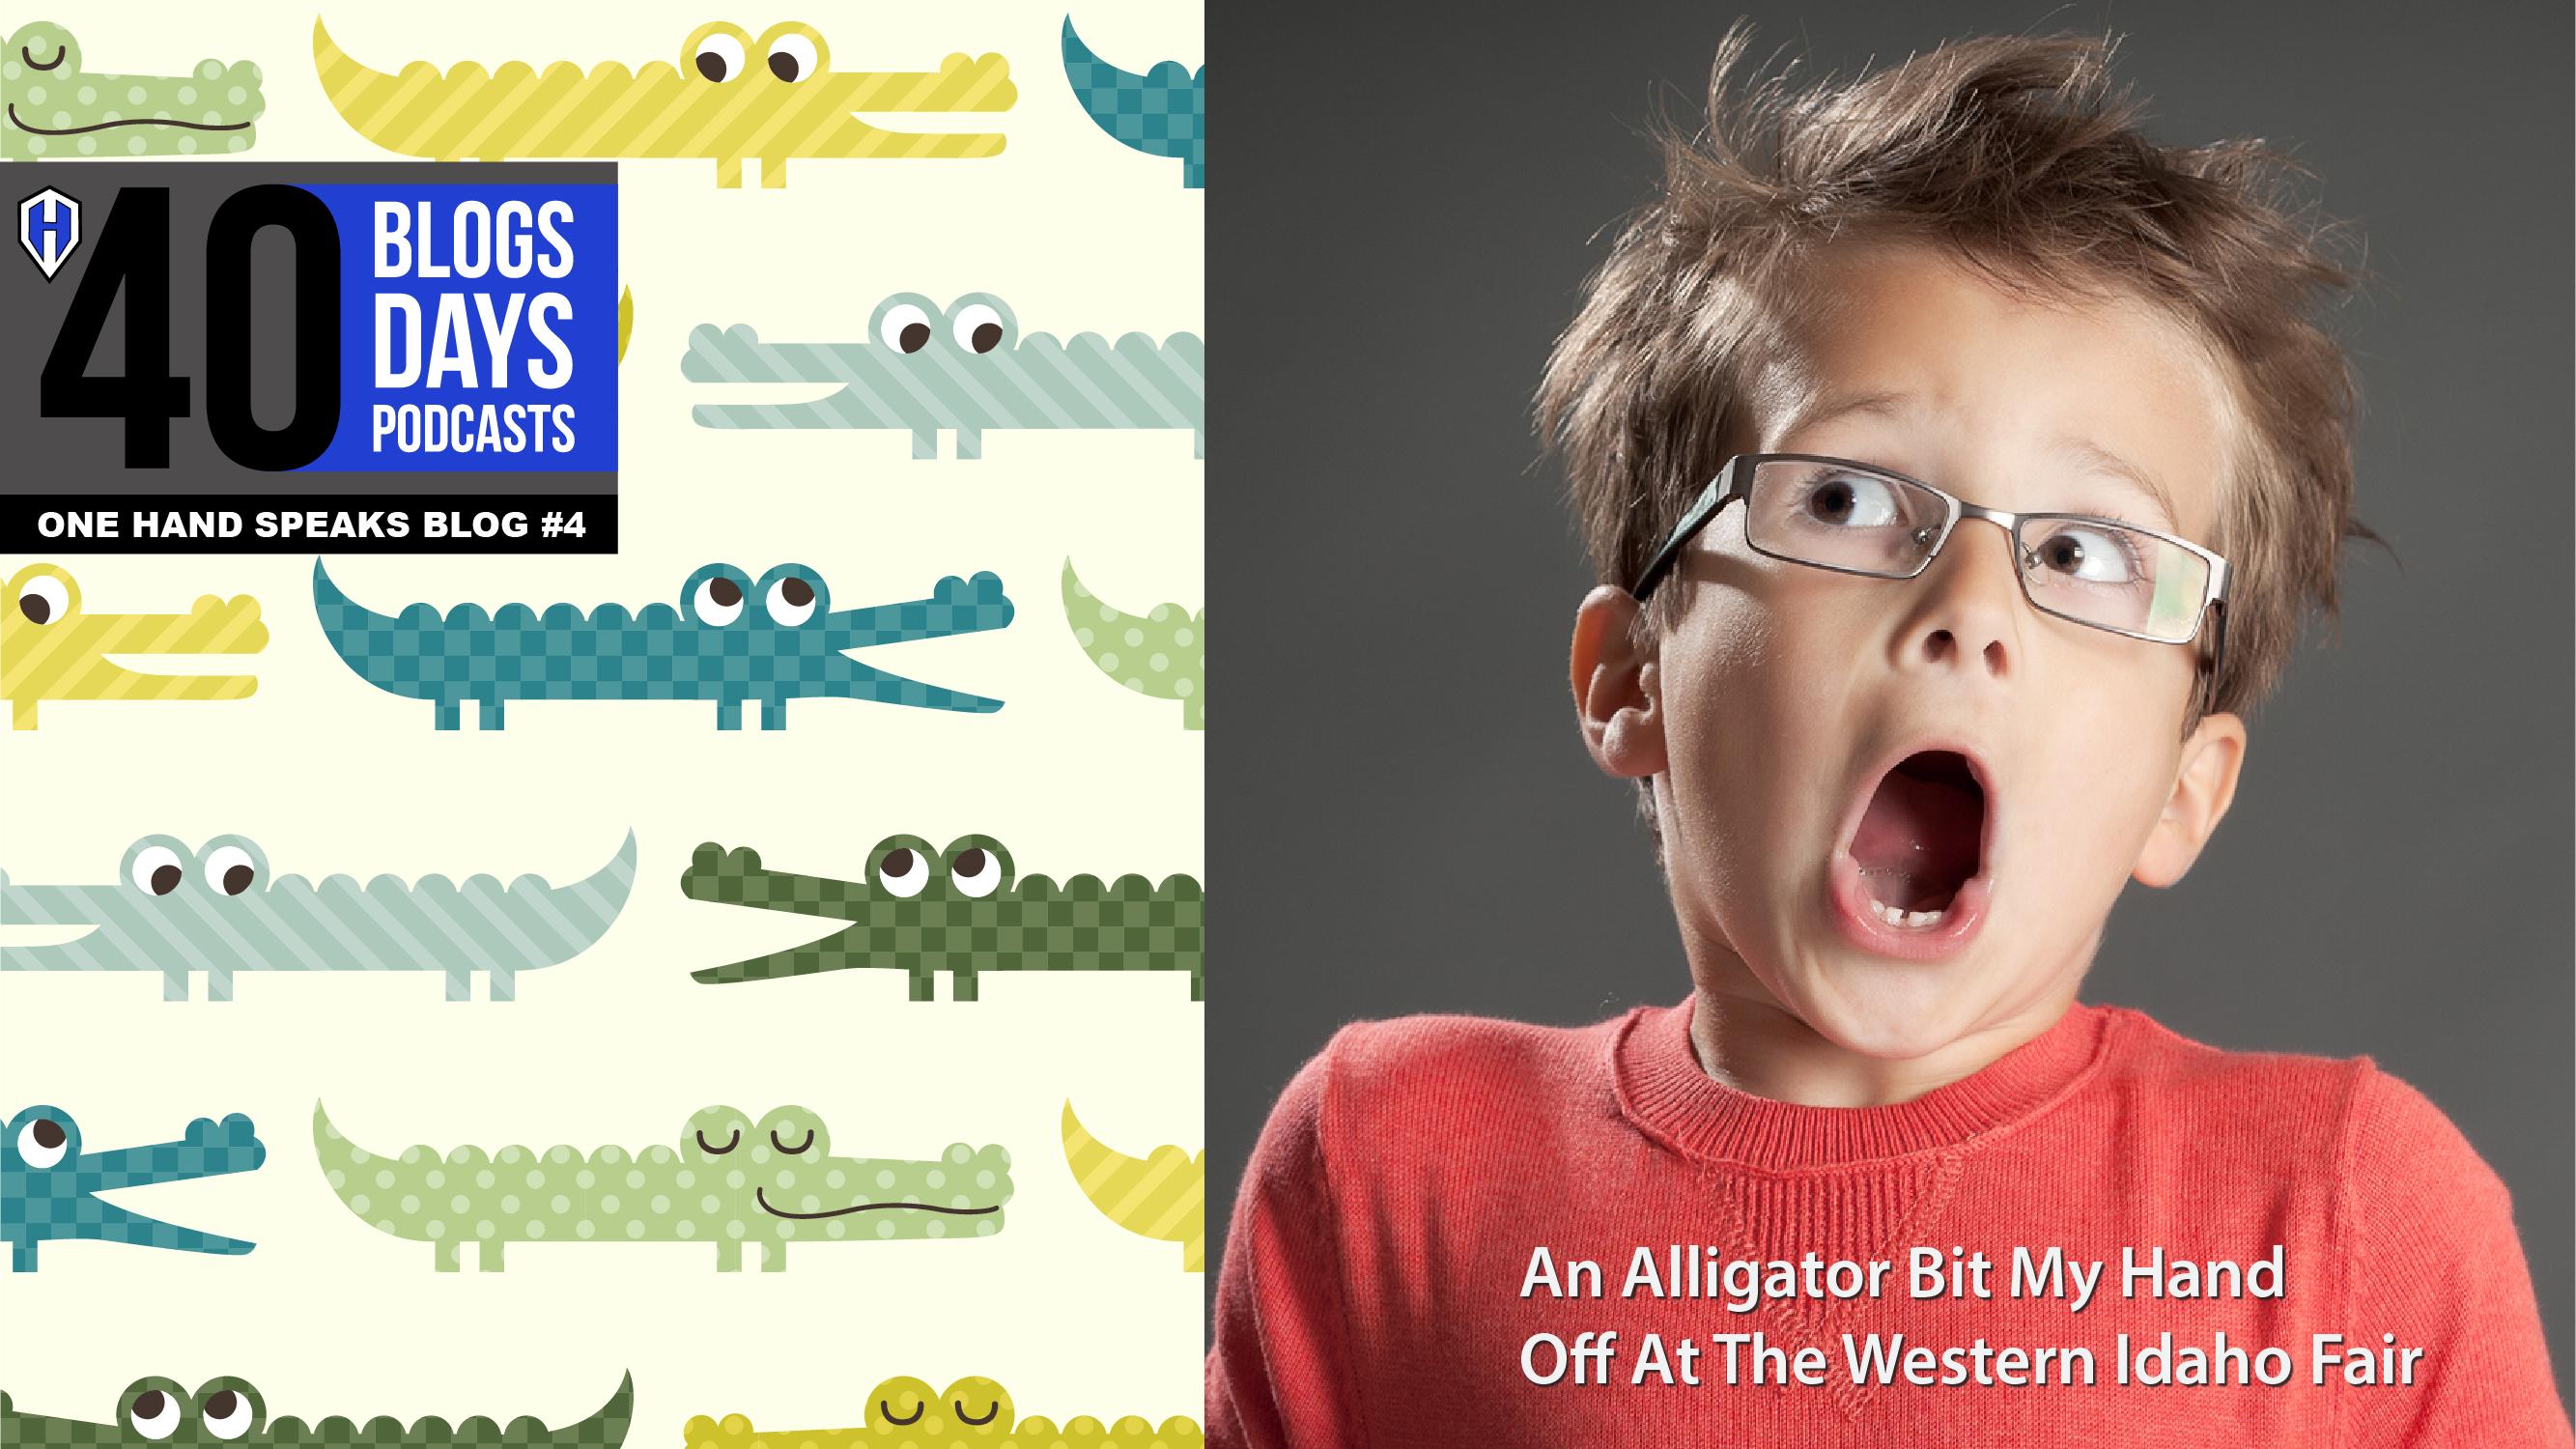 A social media advertising for AlejAndro's One Hand Speaks Storytelling podcast.